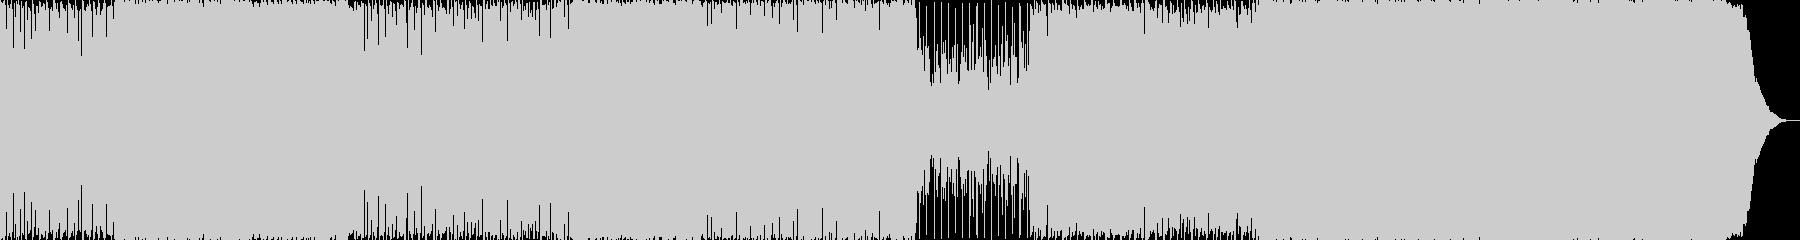 明るく力強いロックサウンドです。の未再生の波形